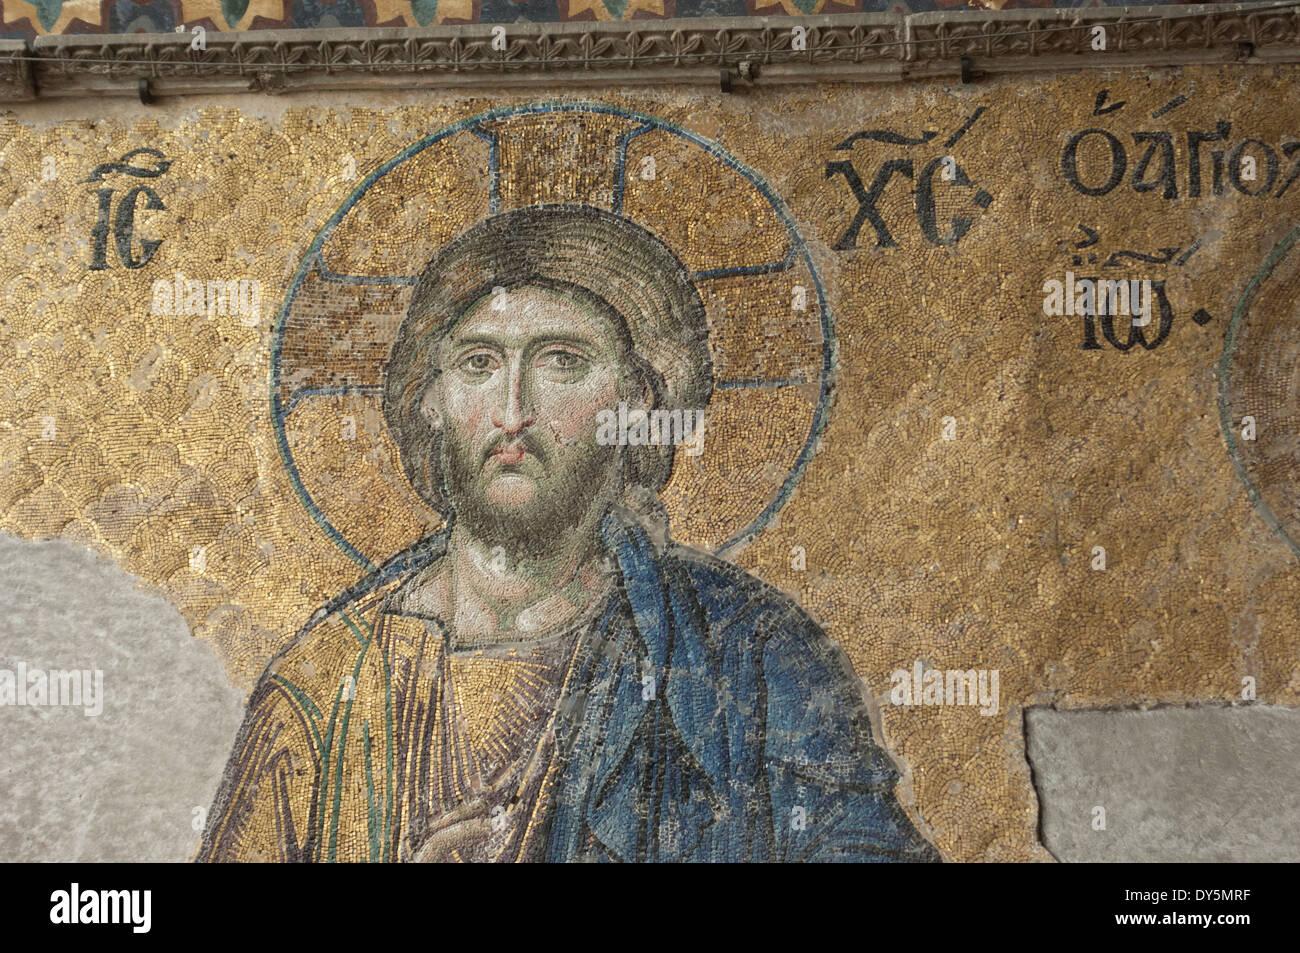 Byzantinische Mosaik von Jesus in der Hagia Sophia, Istanbul. Stockbild